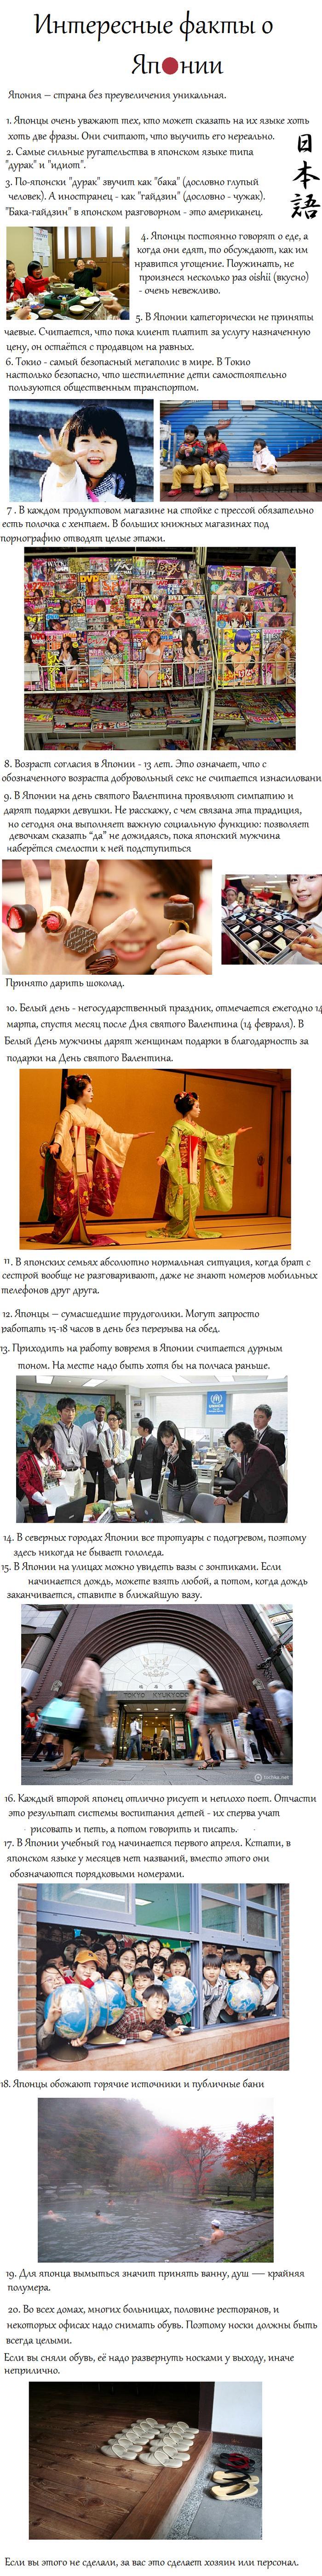 Это познавательно и интересно! Yaponii-fakty